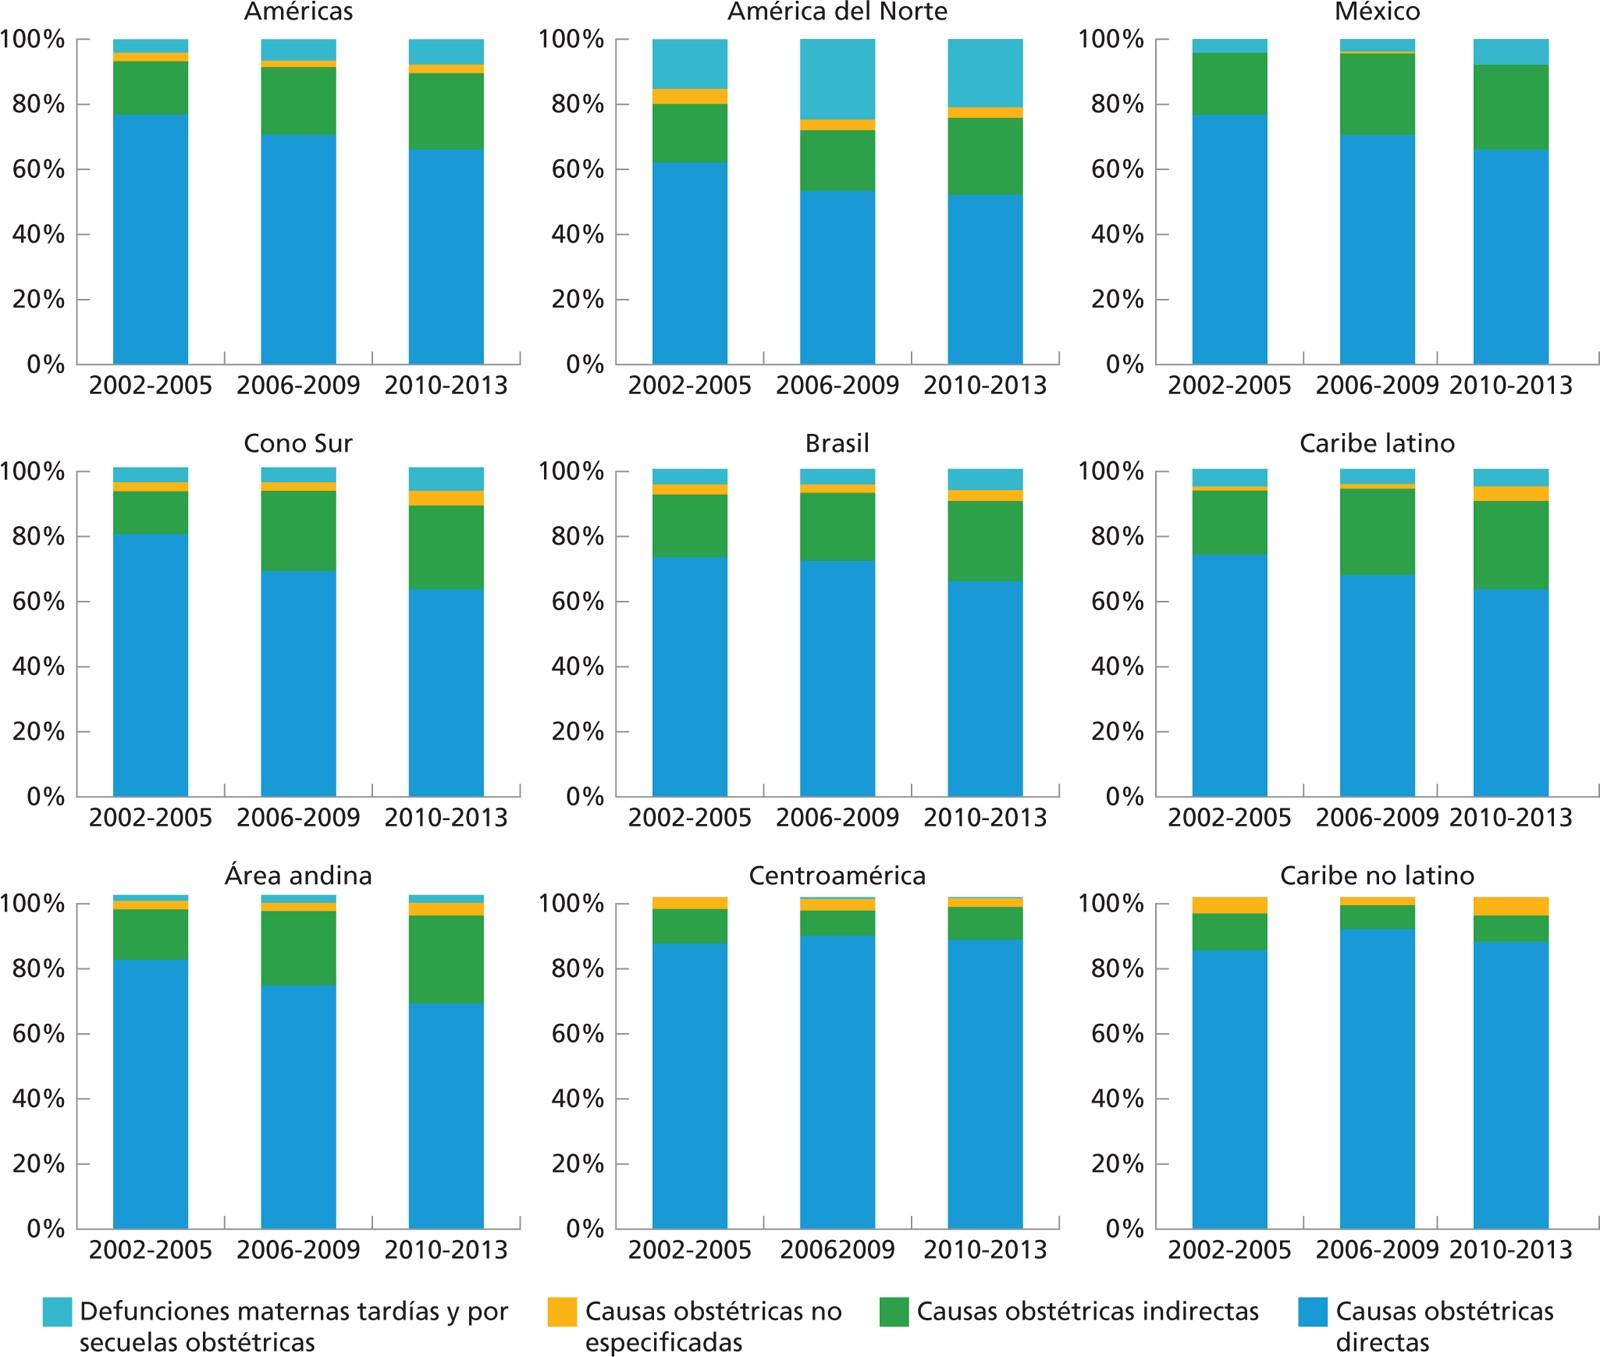 Figura 4 Causas de mortalidad materna por regi³n y subregi³n y por perodo Regi³n de las Américas 2002 2013